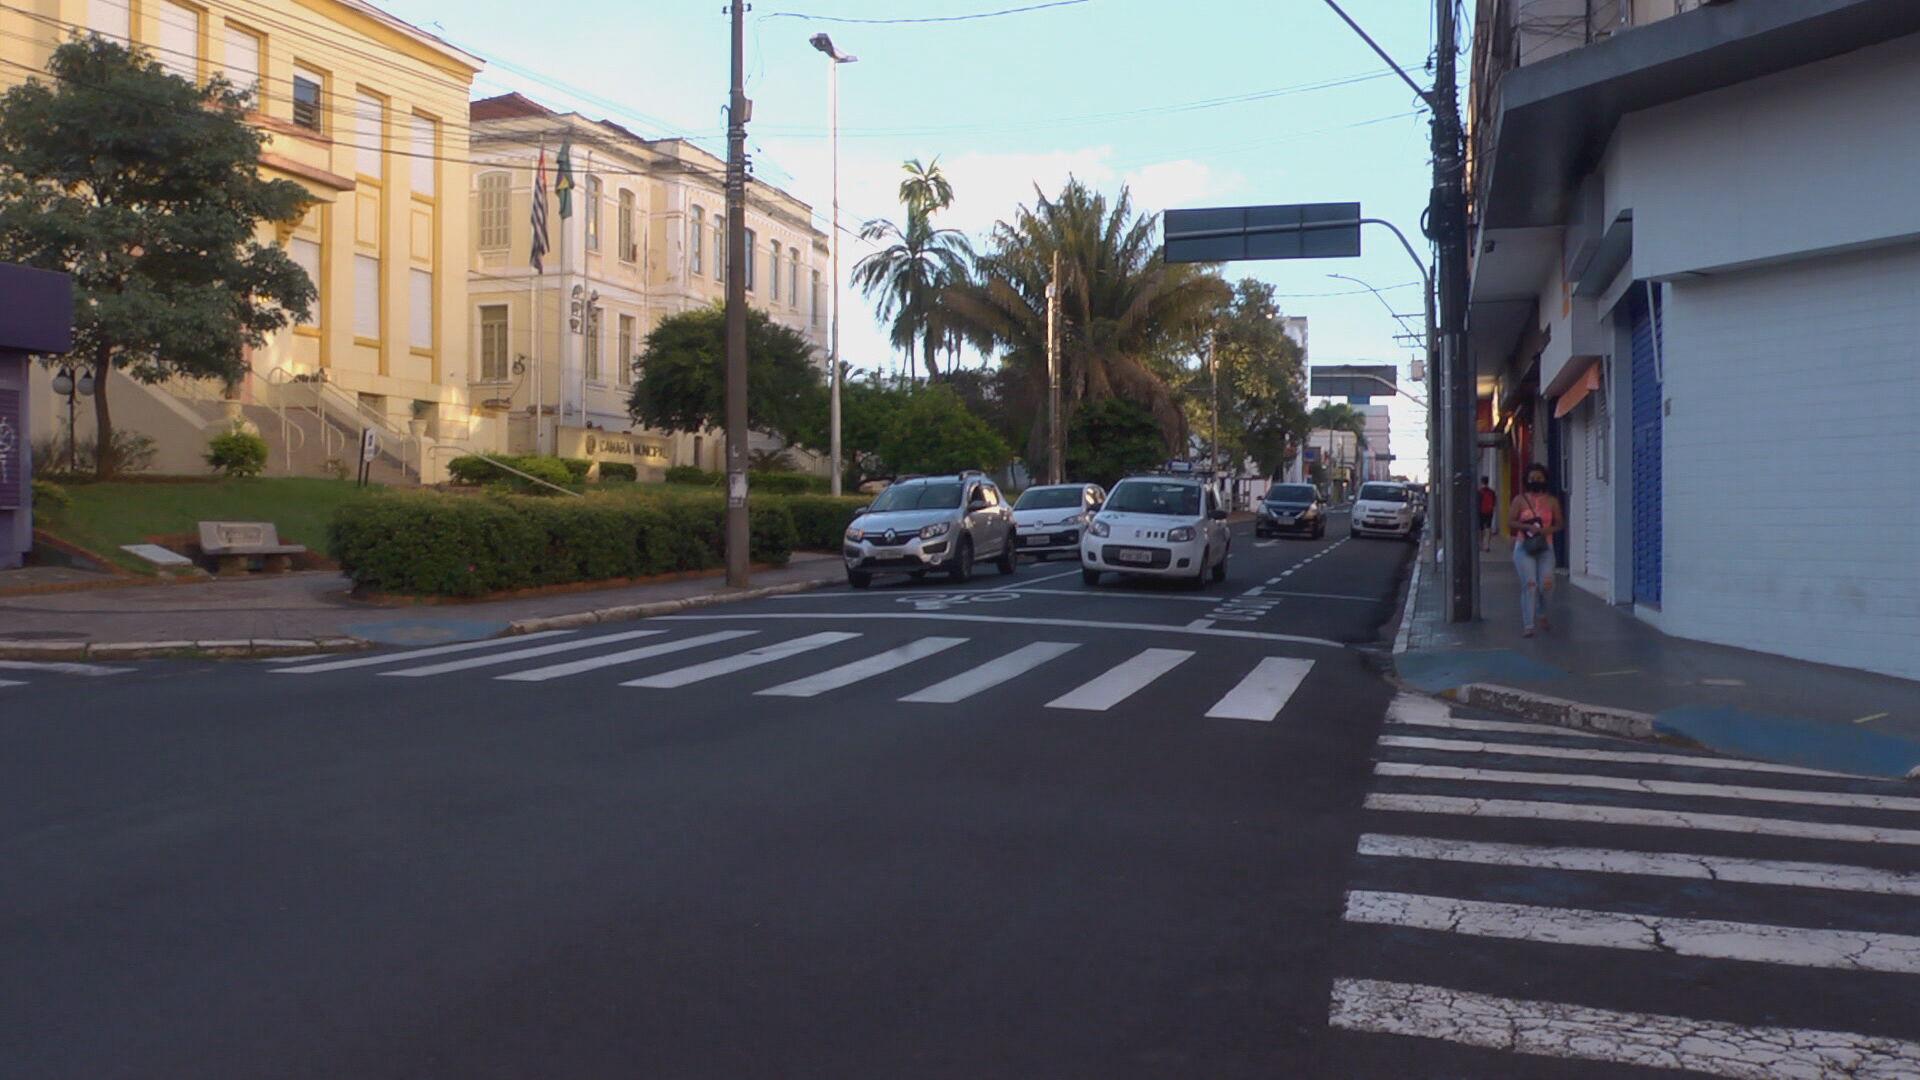 Ruas de cidades do interior de SP ficam vazias com restrições (19.Jun.2021)